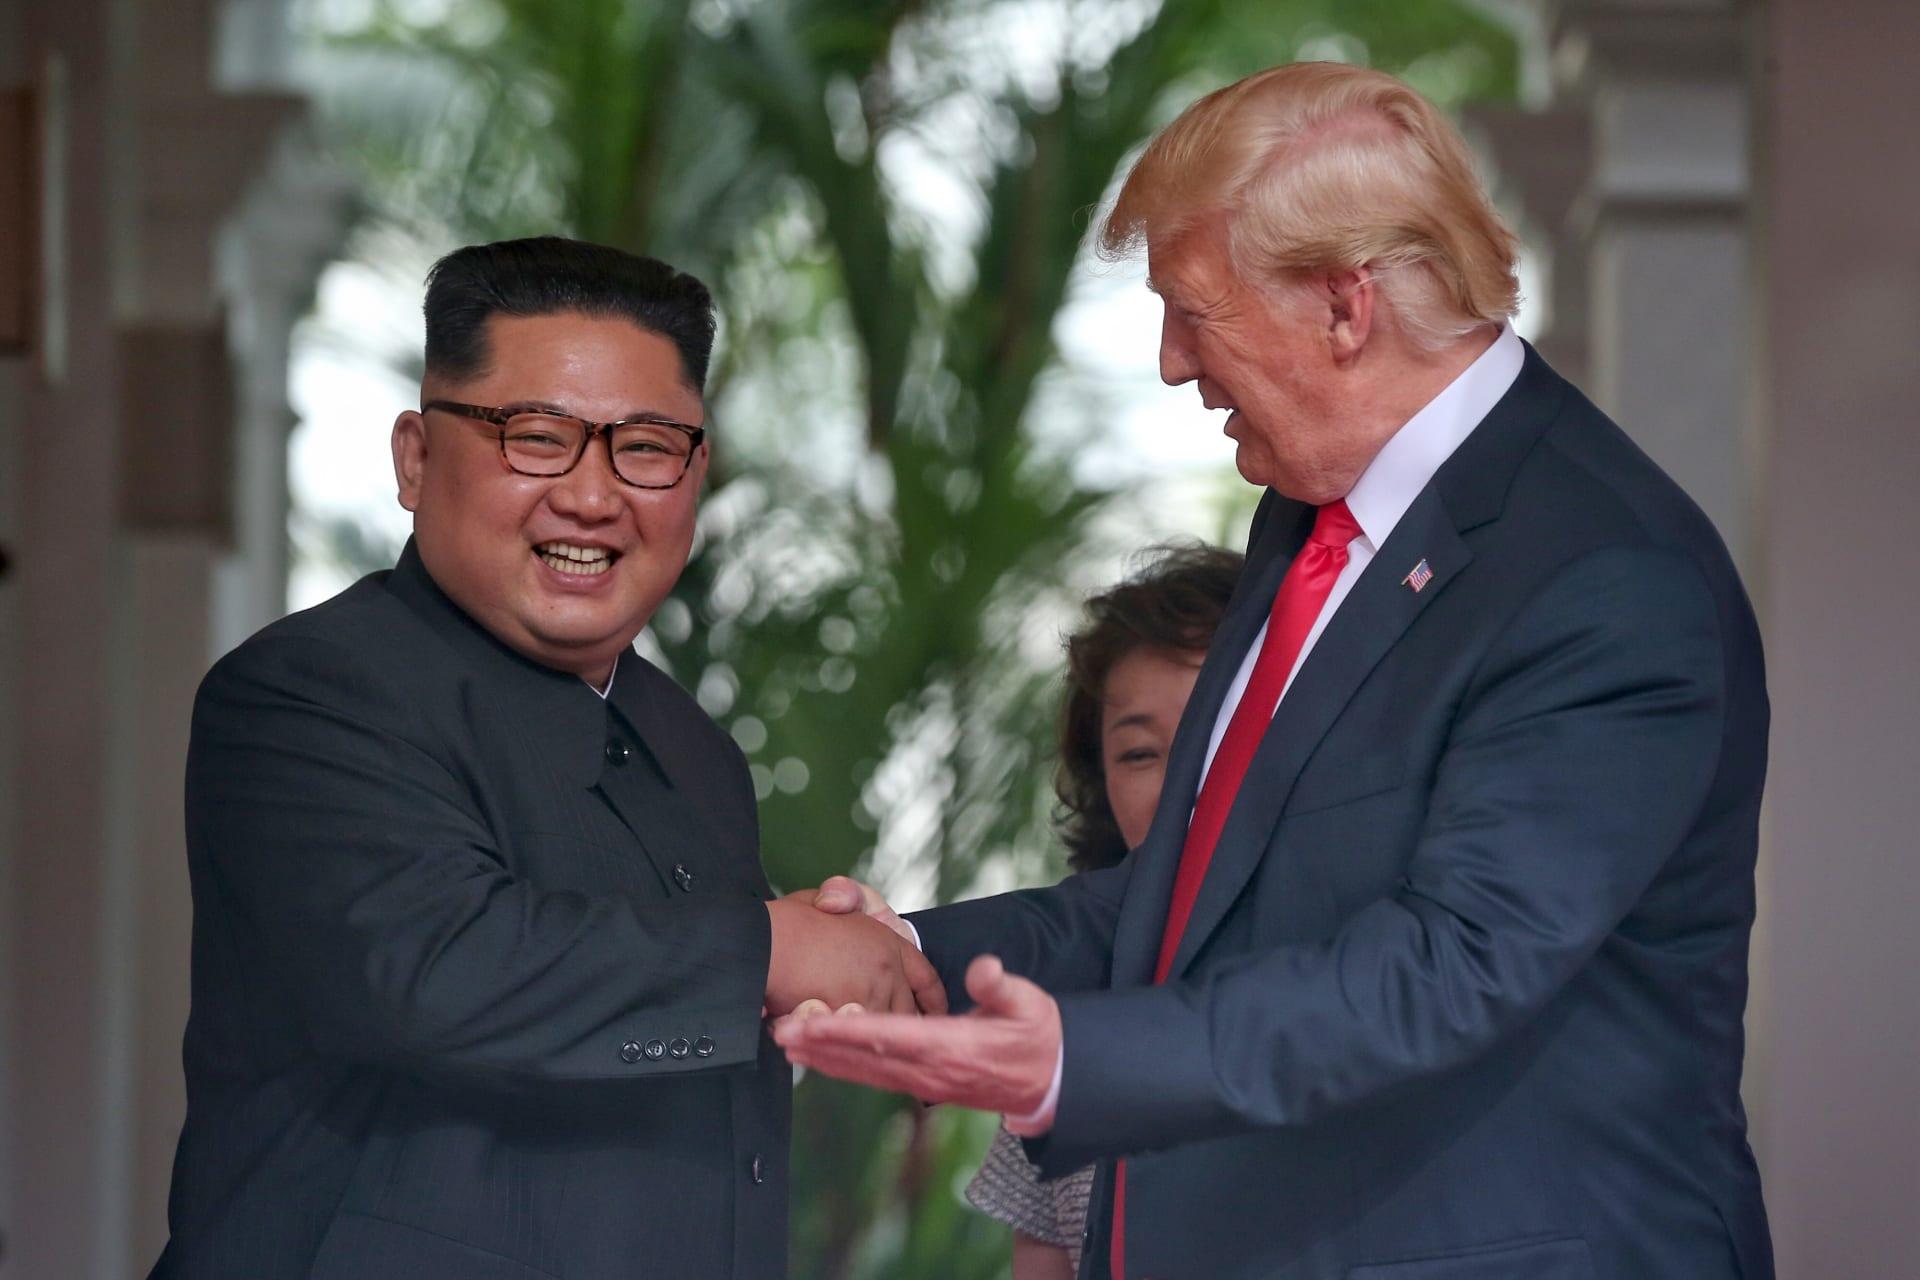 """بعد التوقيع على اتفاقية """"شاملة"""" .. واشنطن وبيونغ يانغ أمام عهد جديد"""